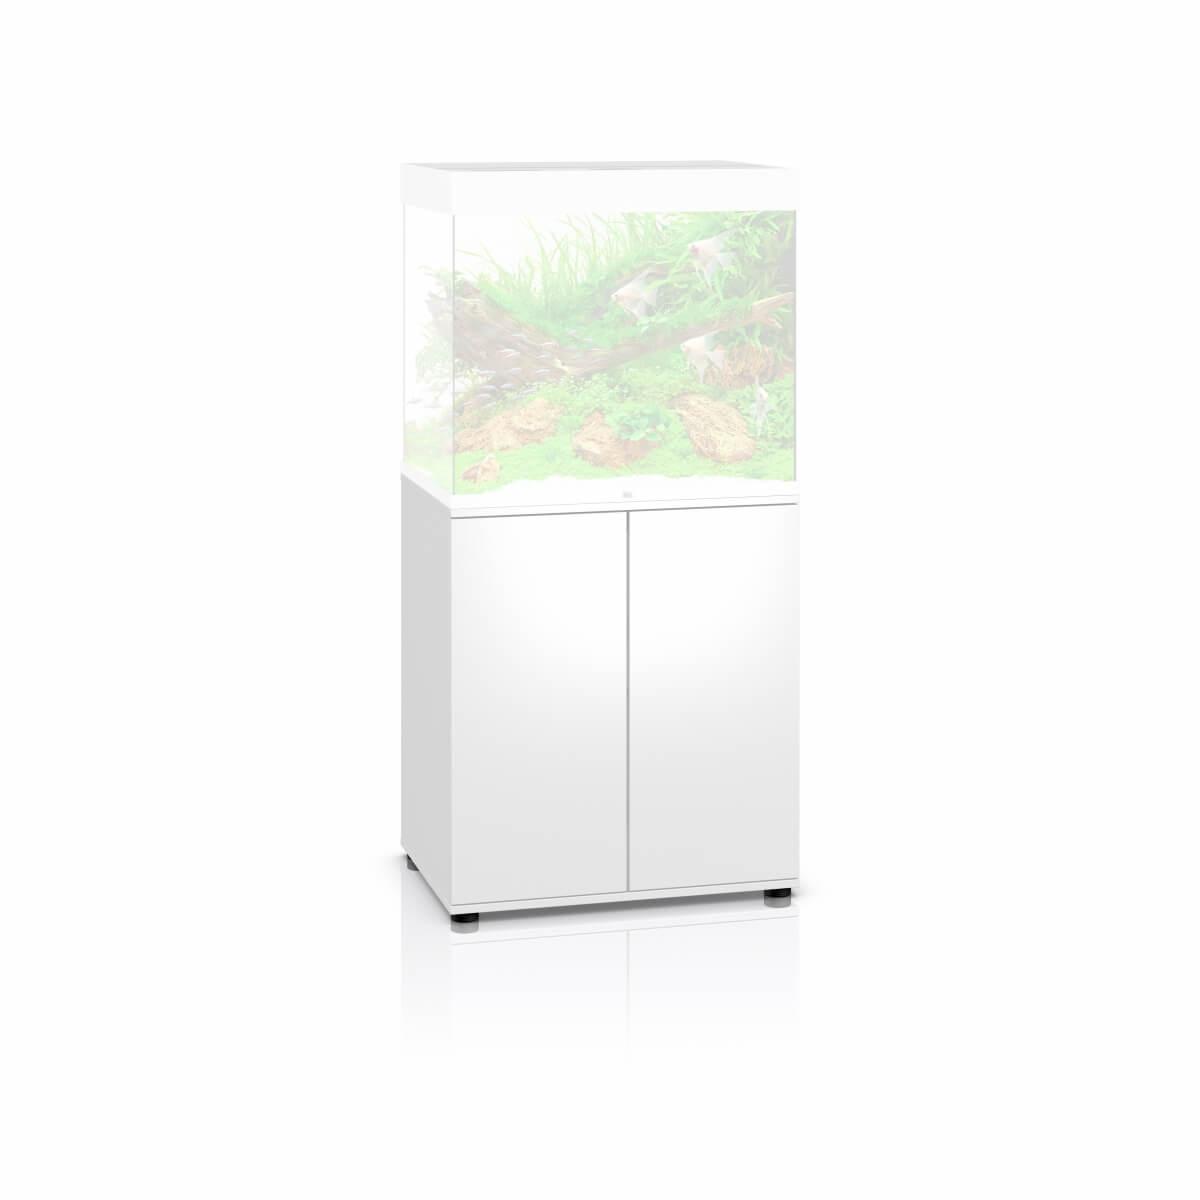 Lido 200 Cabinet - White_2